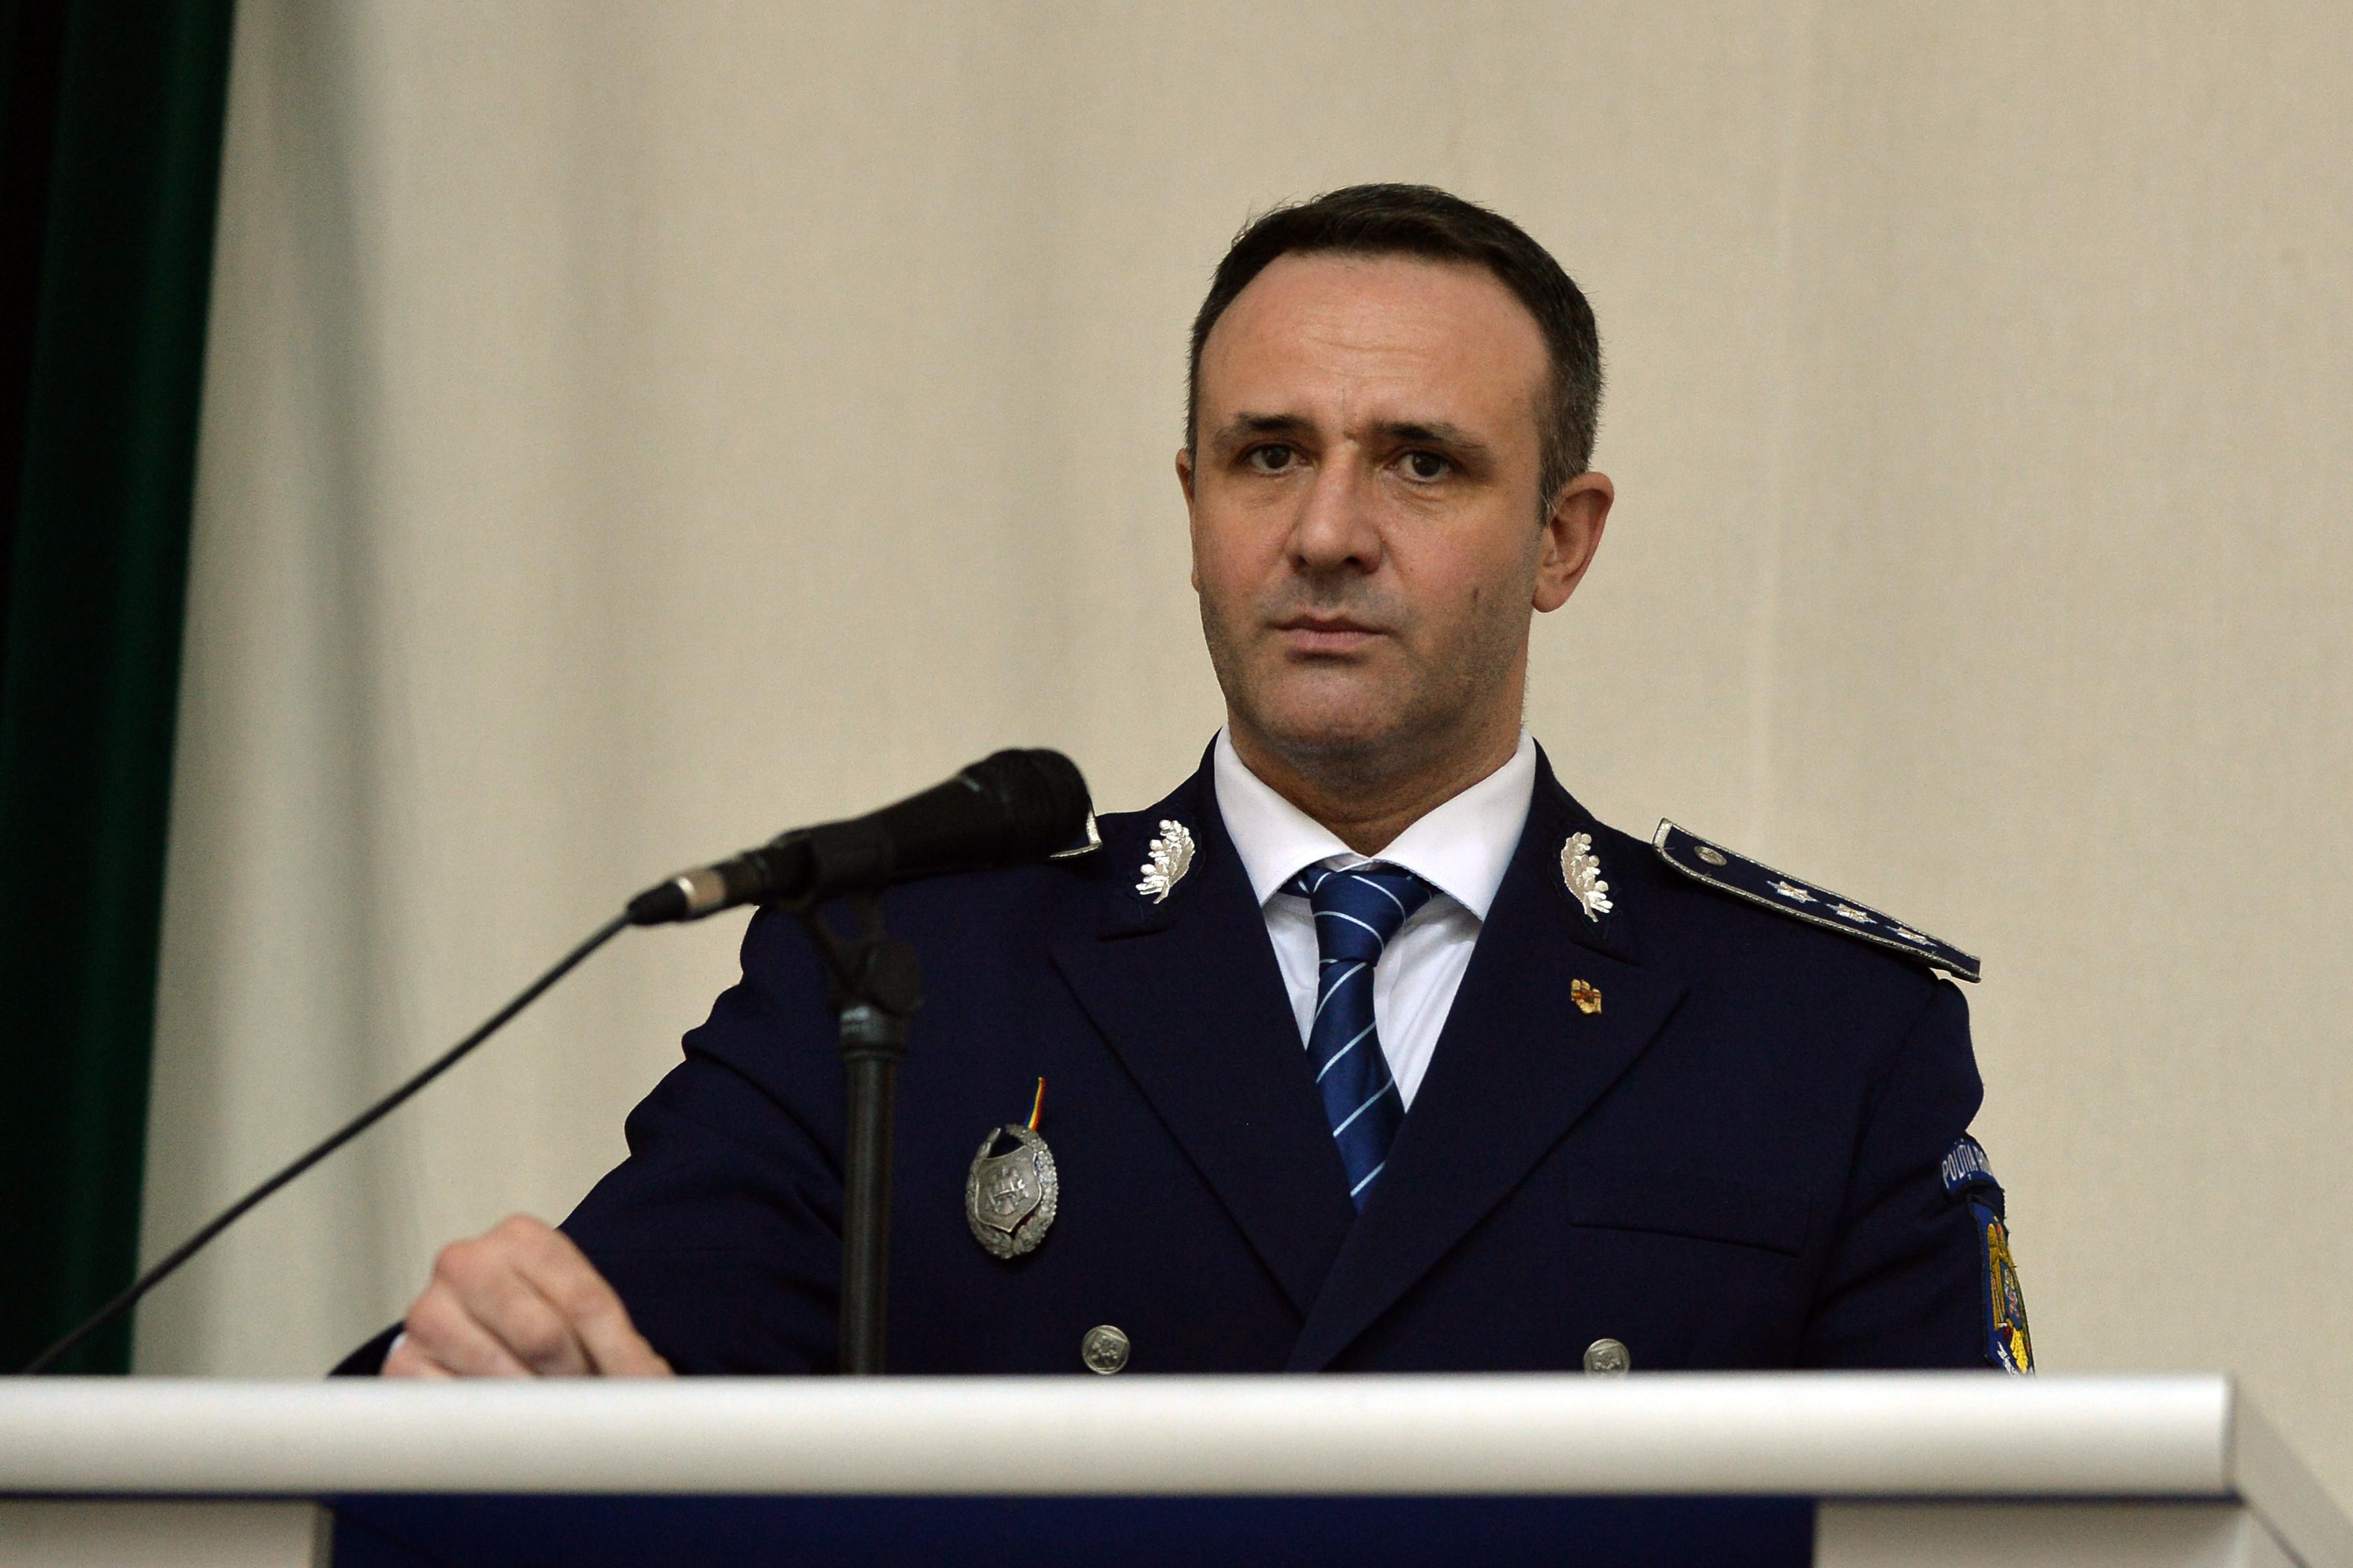 Foştii şefi ai Academiei de Poliţie, închisoare cu suspendare şi muncă la spaţii verzi pentru şantajarea Emiliei Şercan